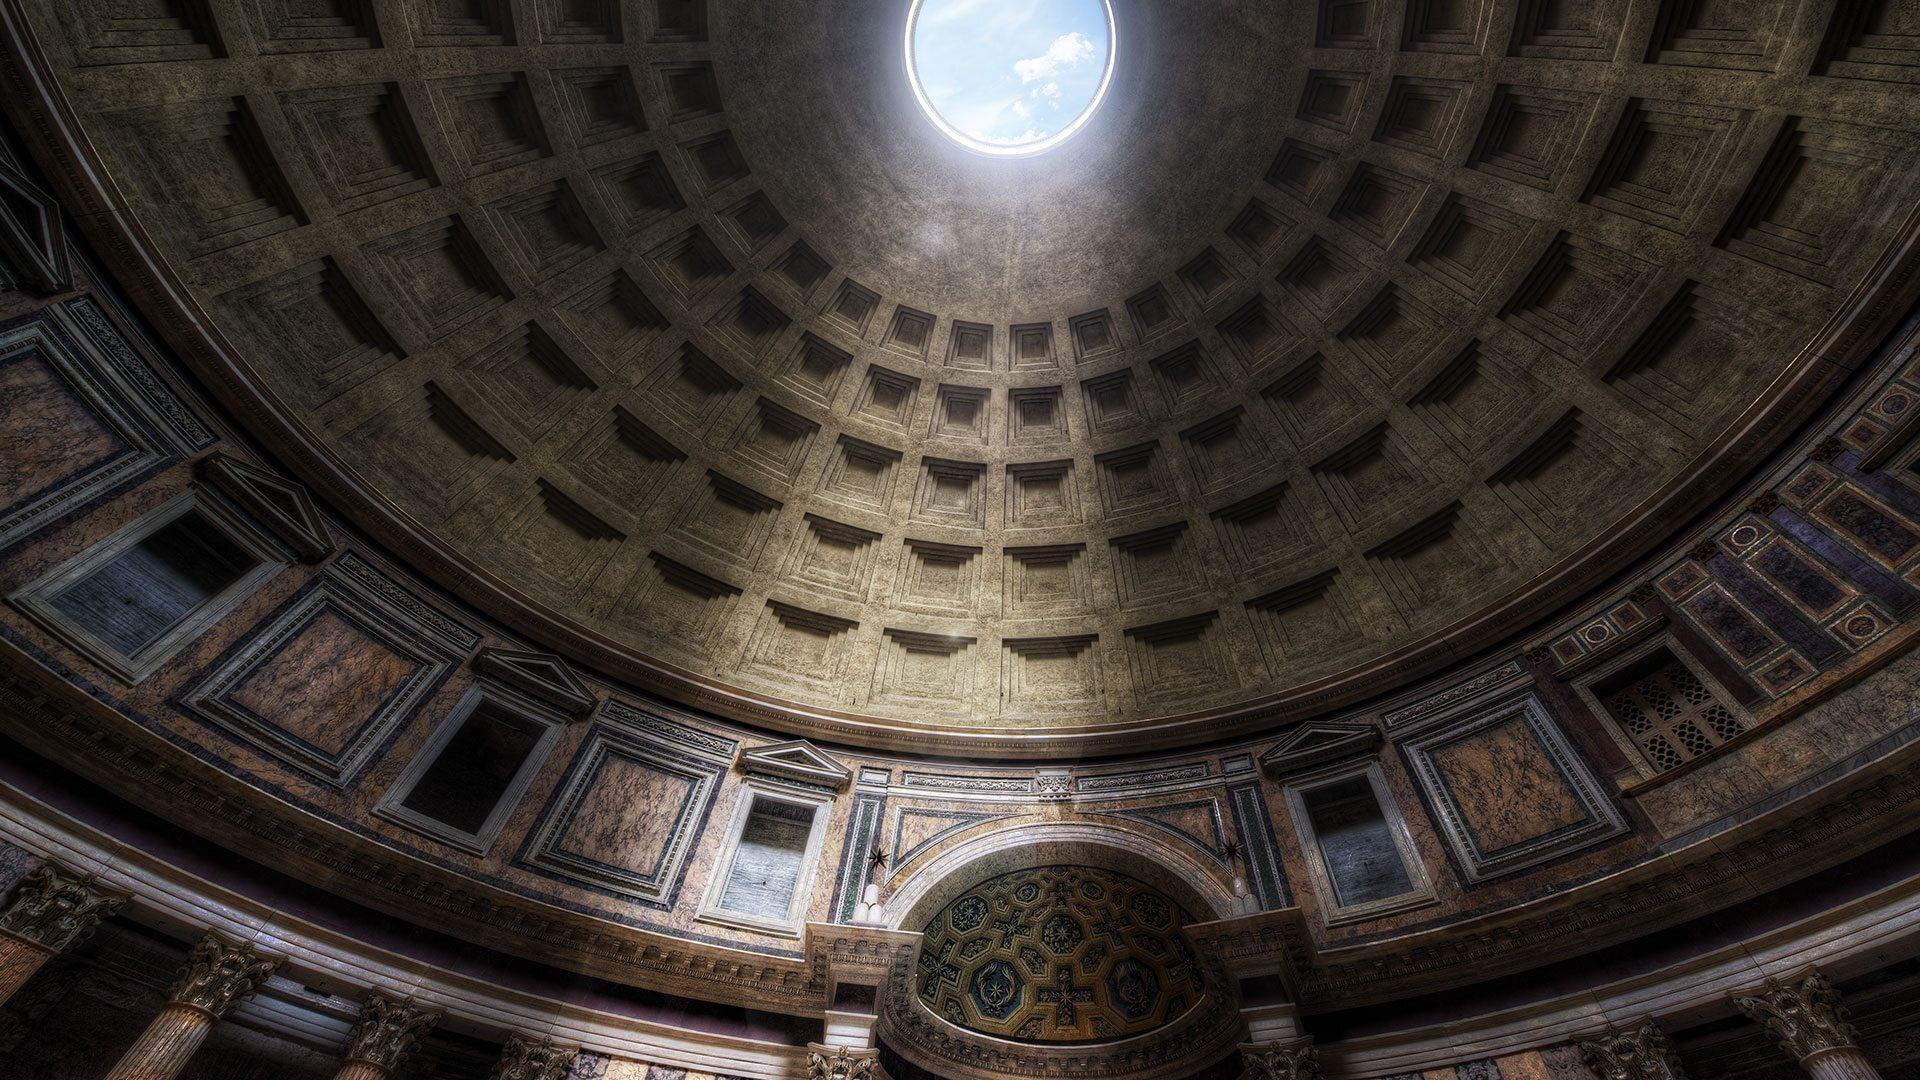 Пантеон в риме – языческий храм древнеримских богов с многовековой историей